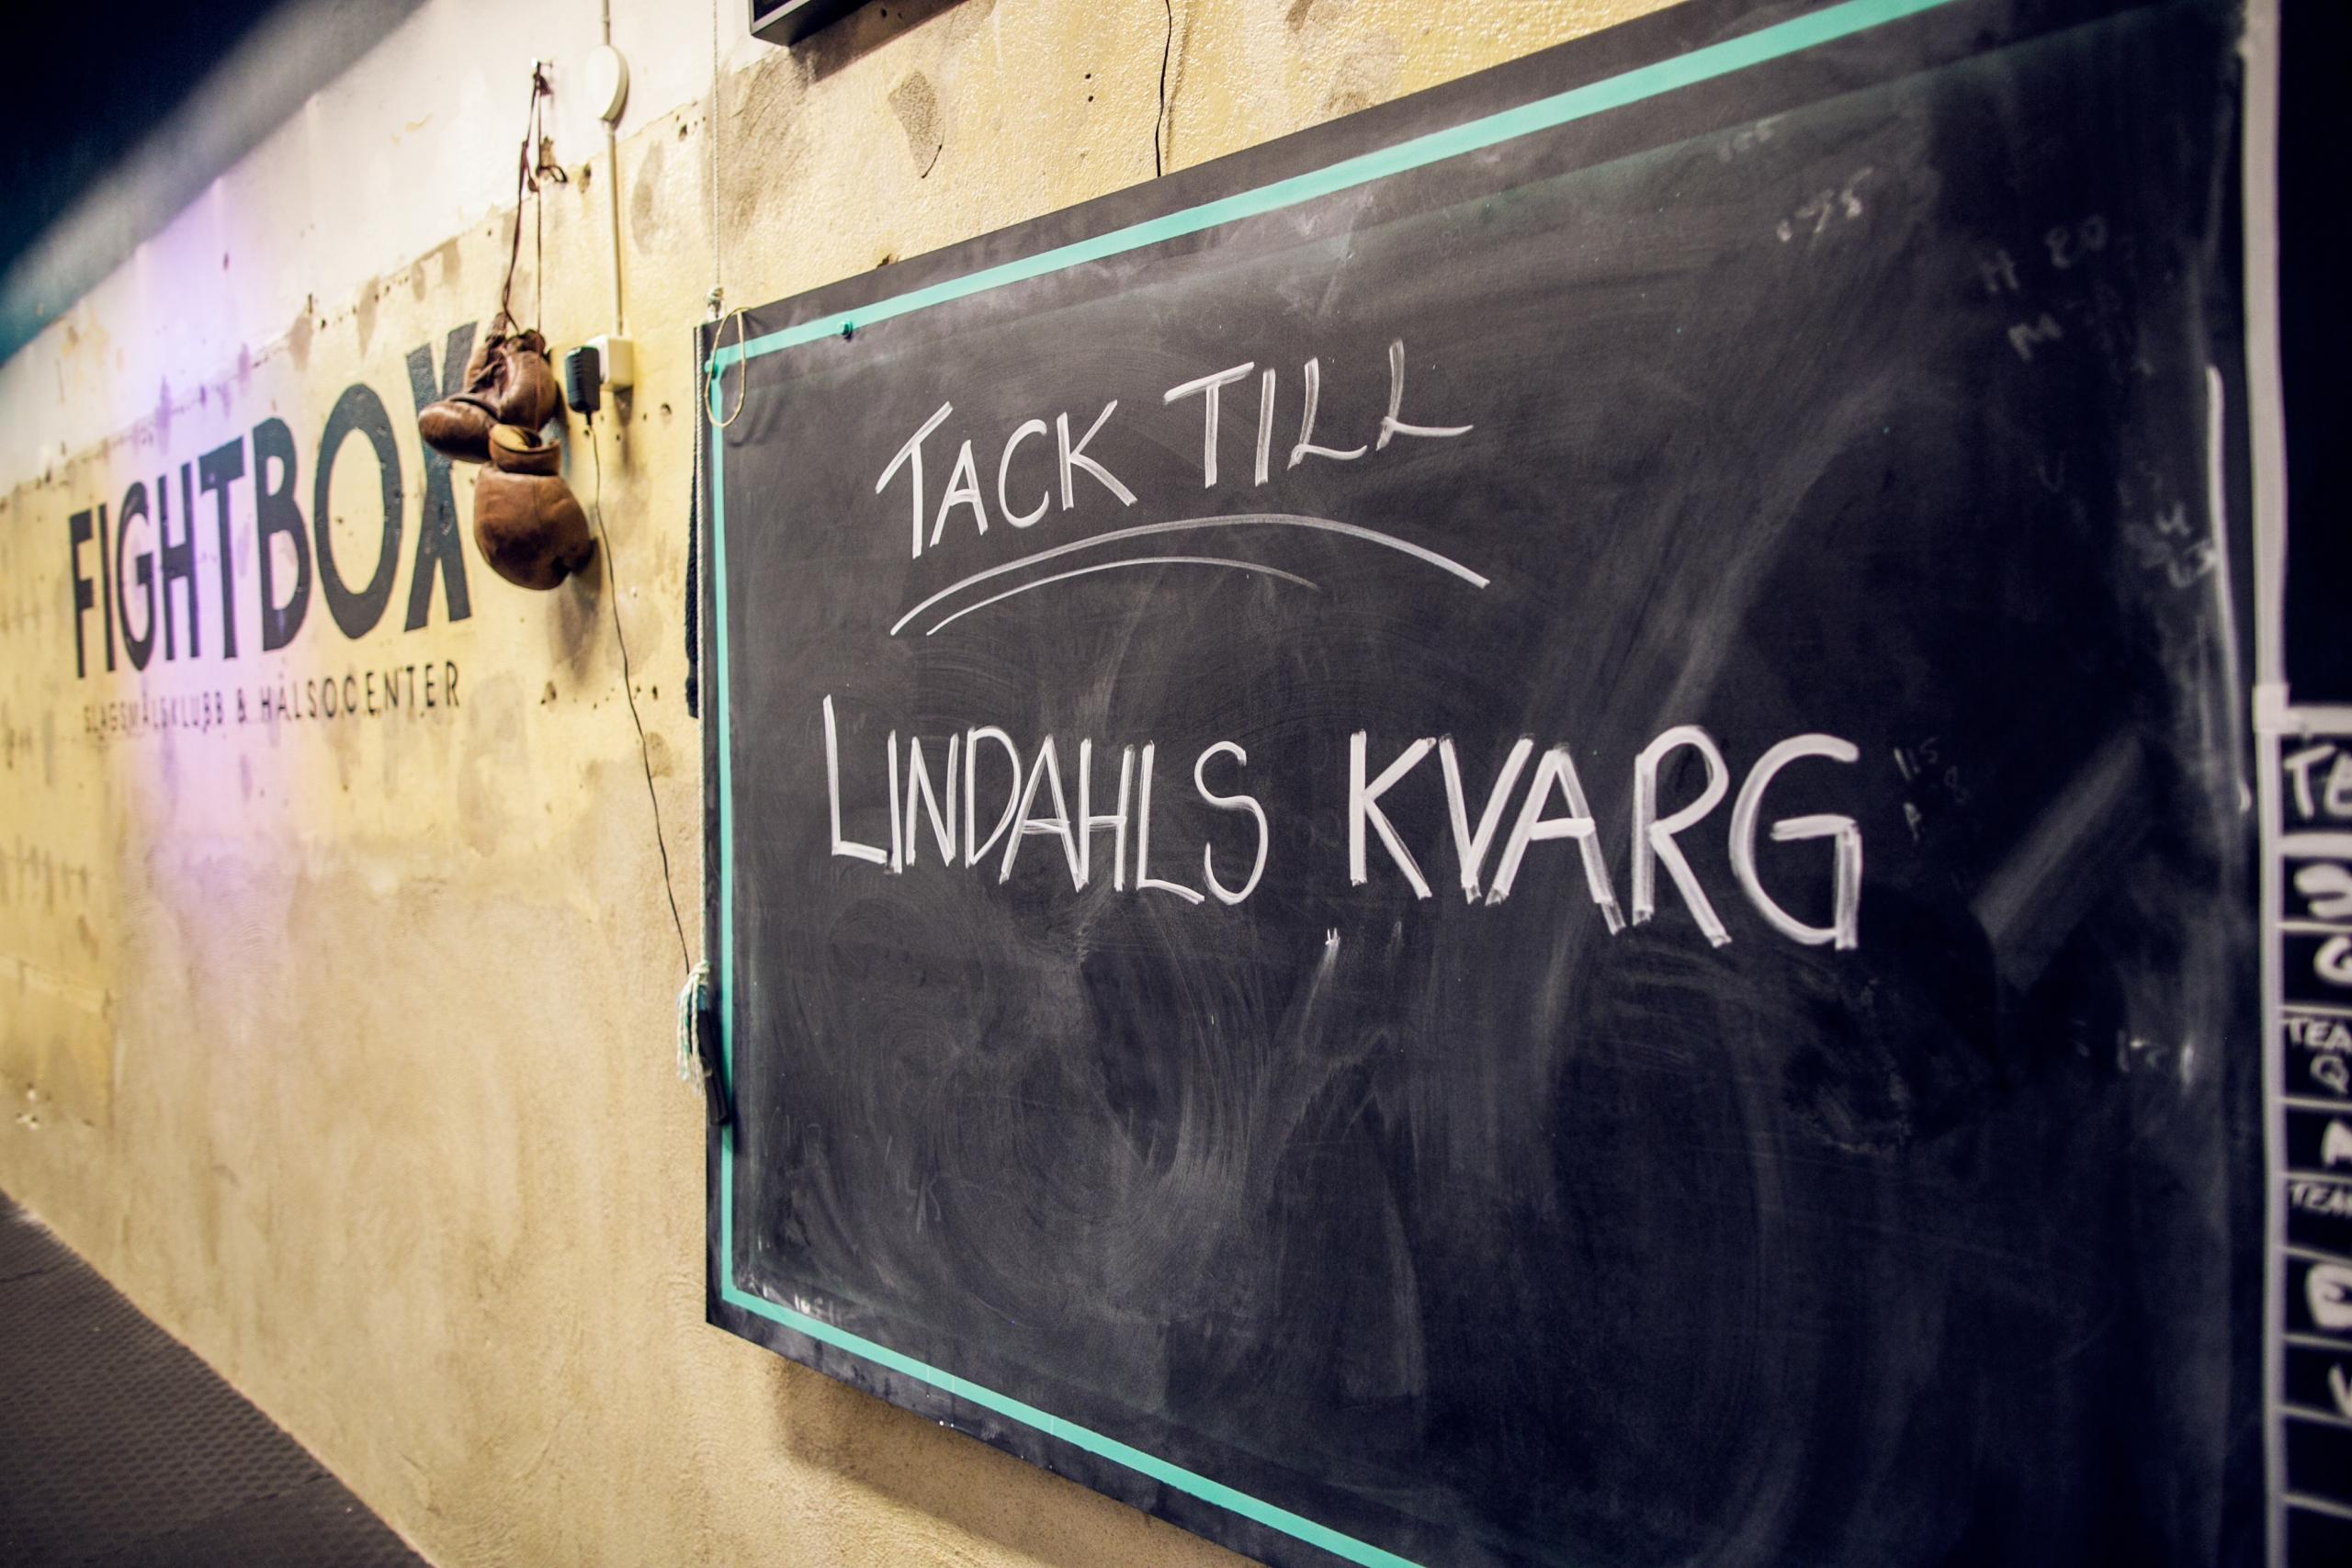 lindahls kvarg